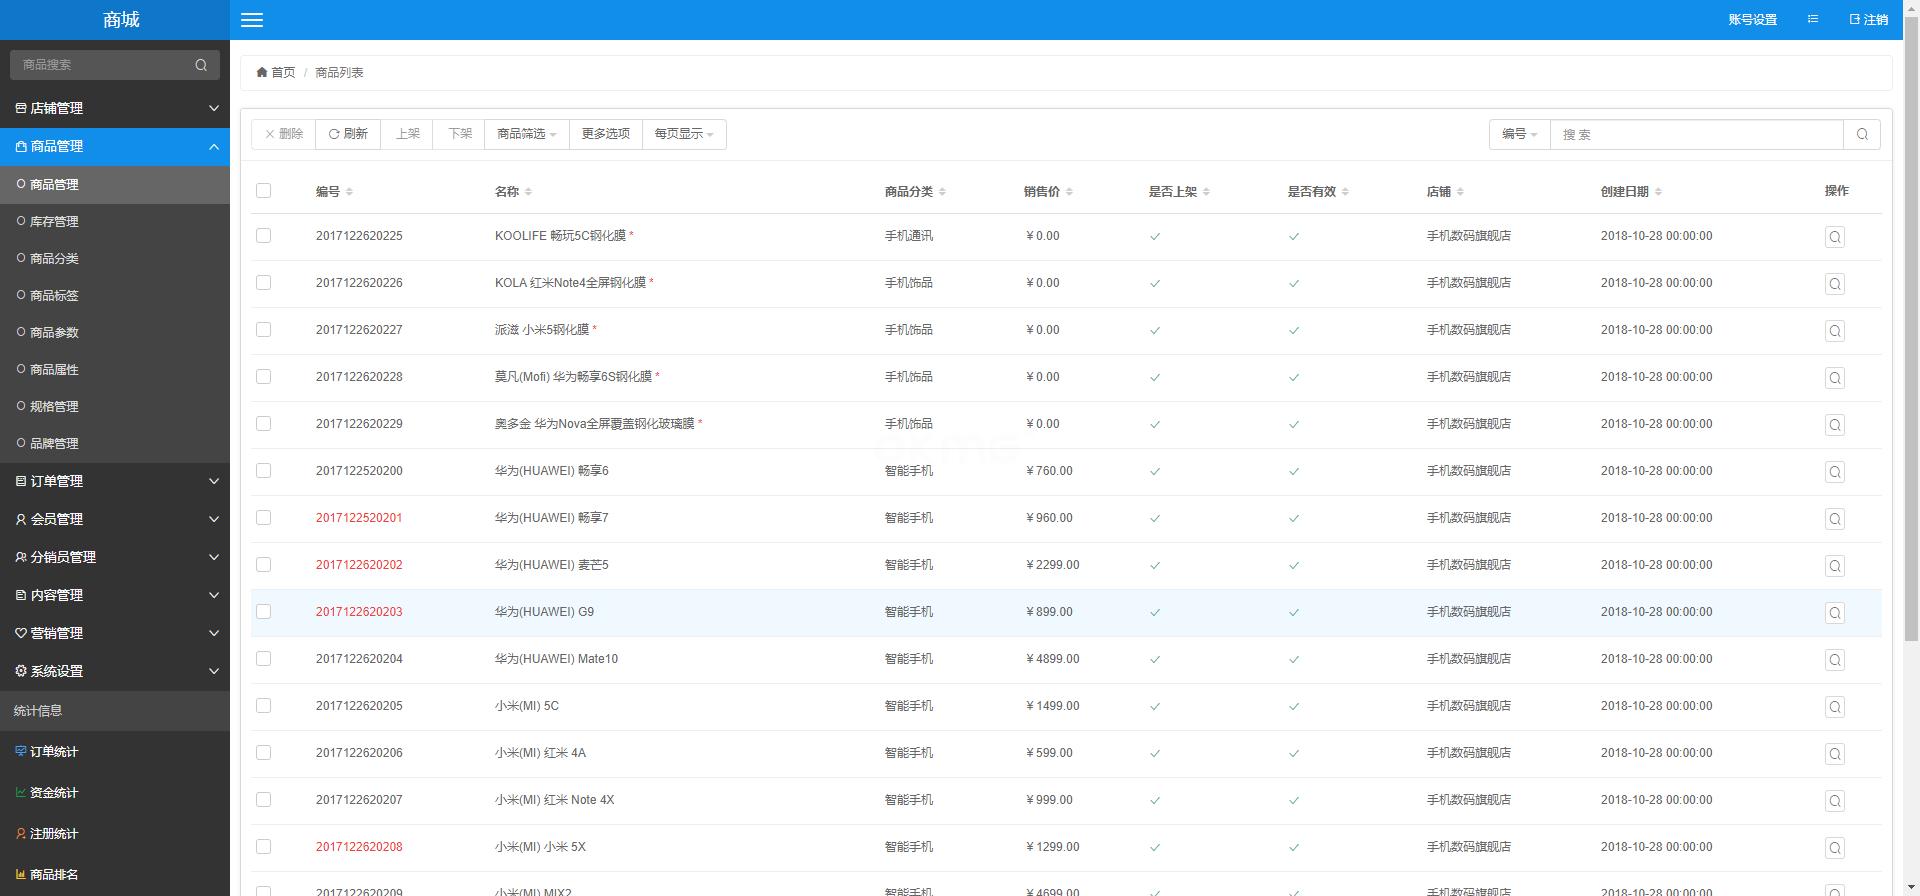 java springboot 商城源码 后台 商户 用户 小程序 H5